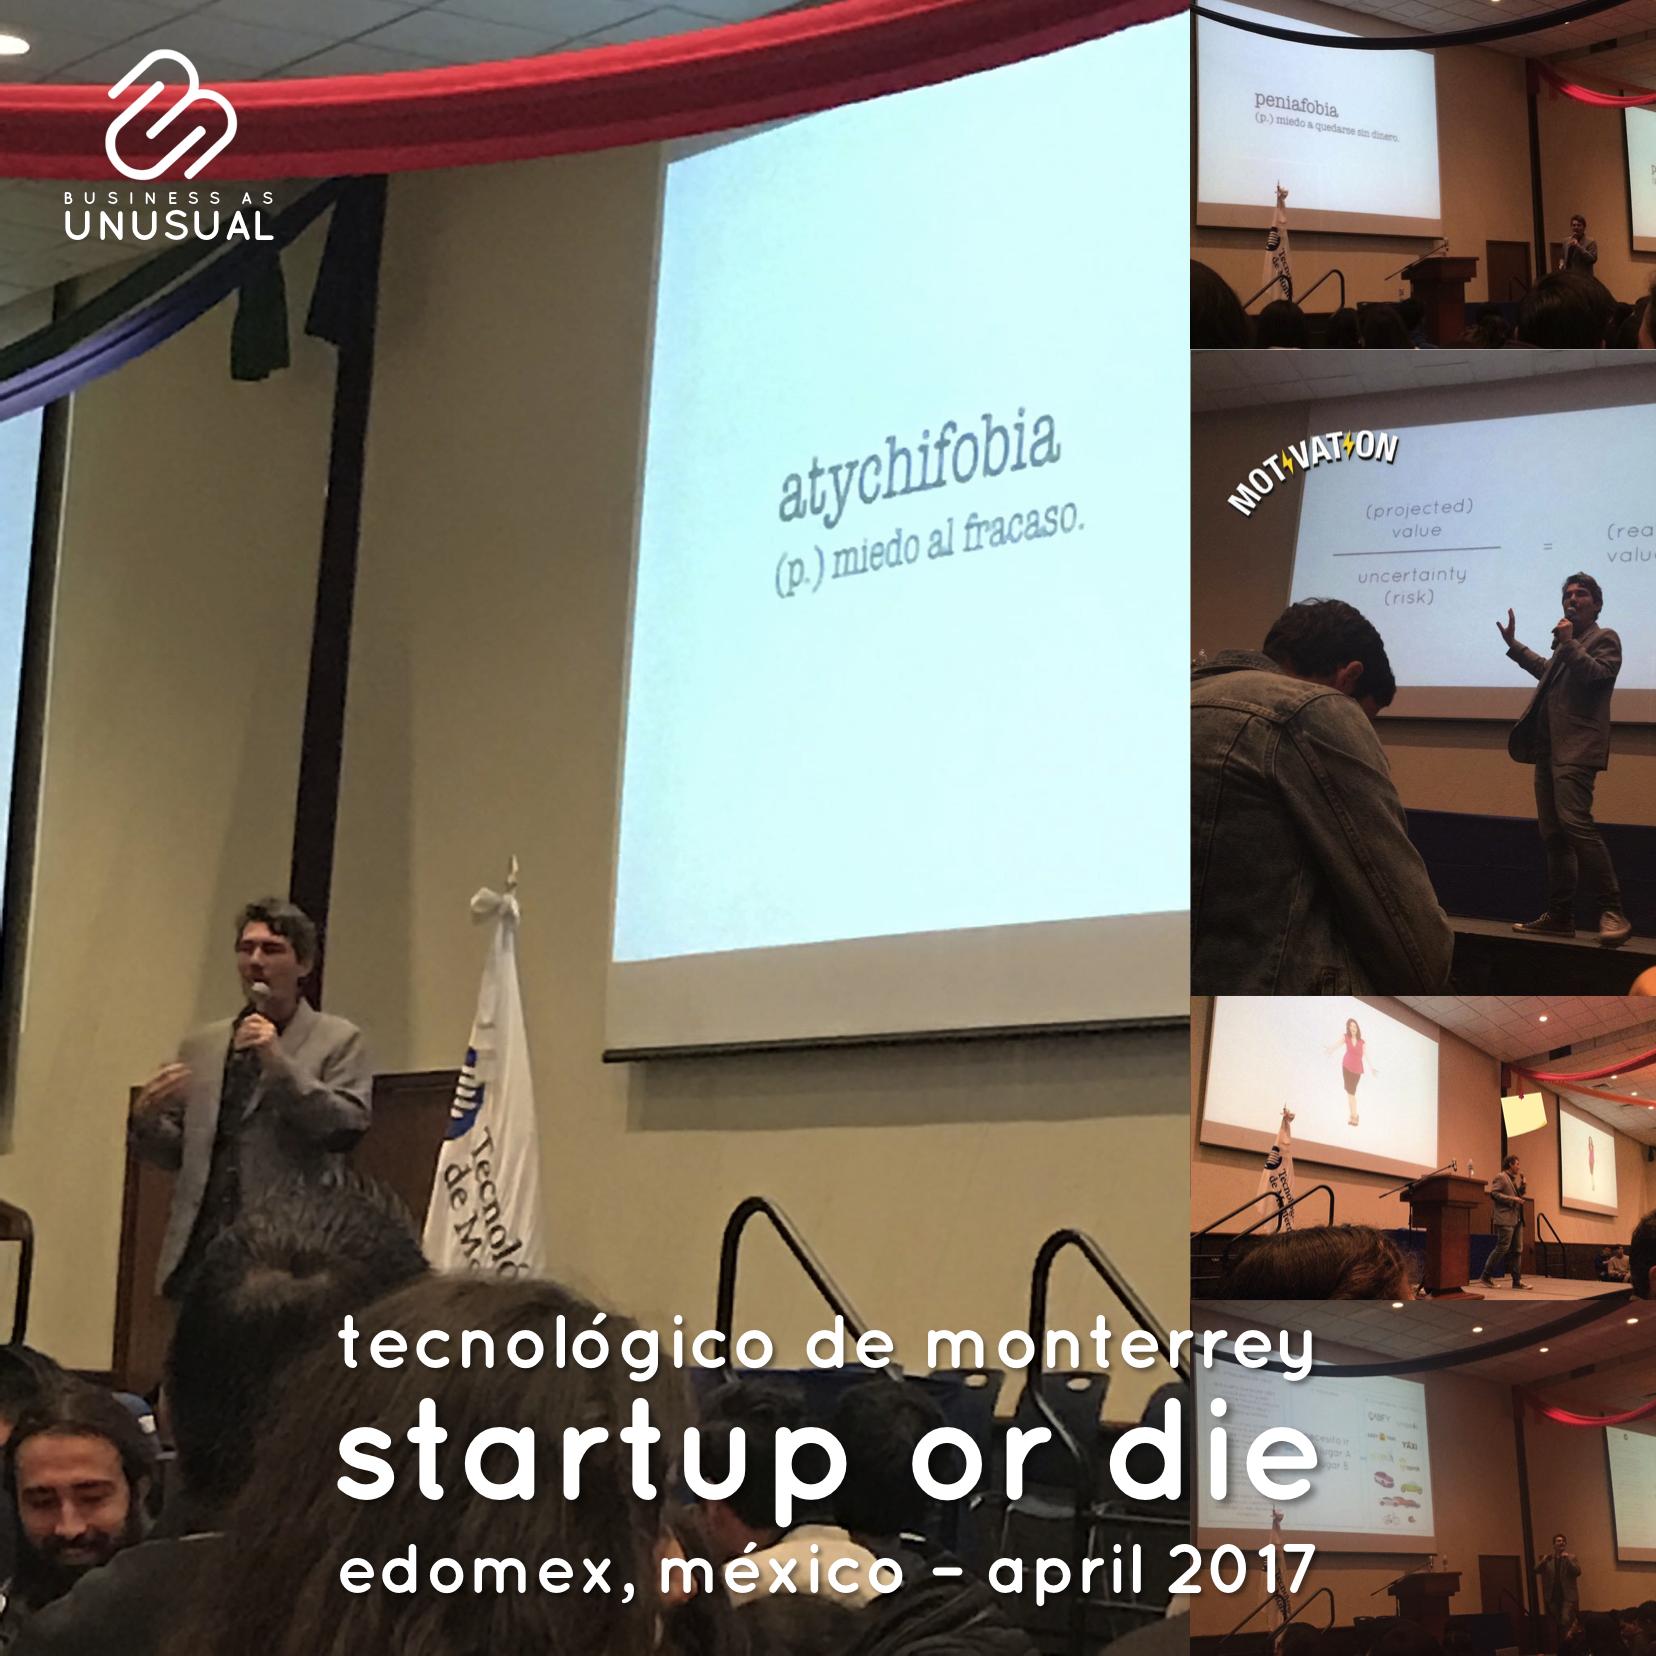 Instituto Tecnológico de Monterrey - Startup or die